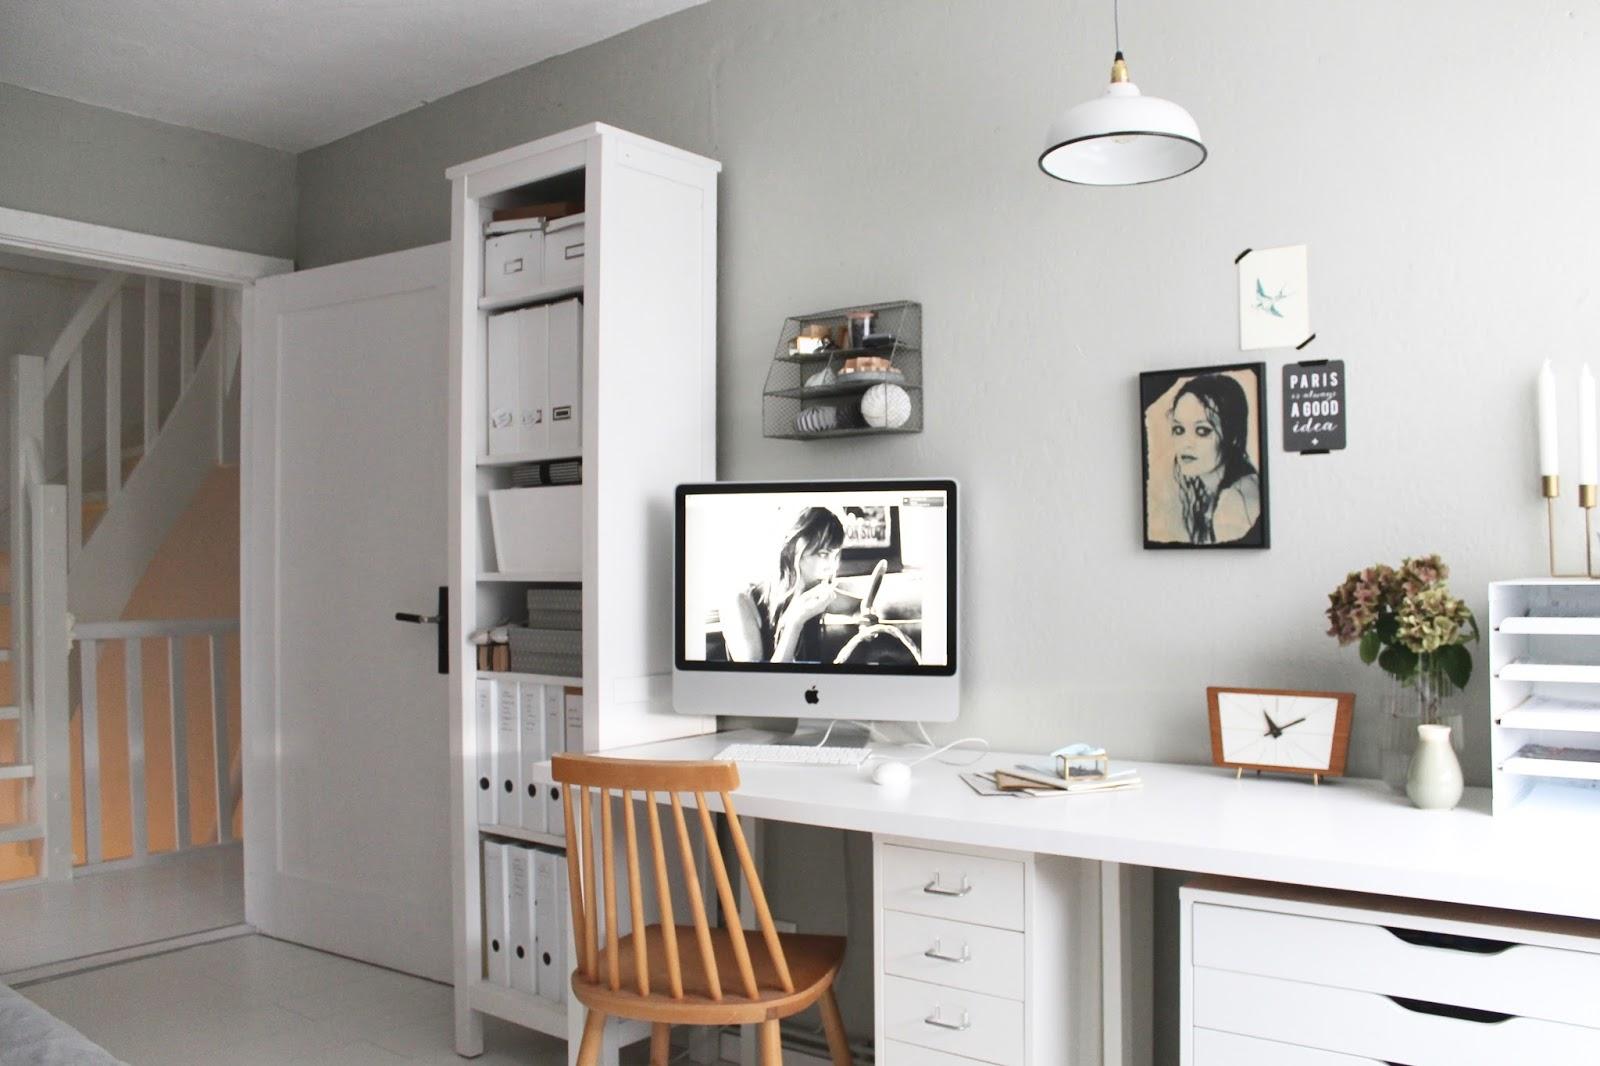 britta bloggt herzlich willkommen neue mitbewohnerin. Black Bedroom Furniture Sets. Home Design Ideas